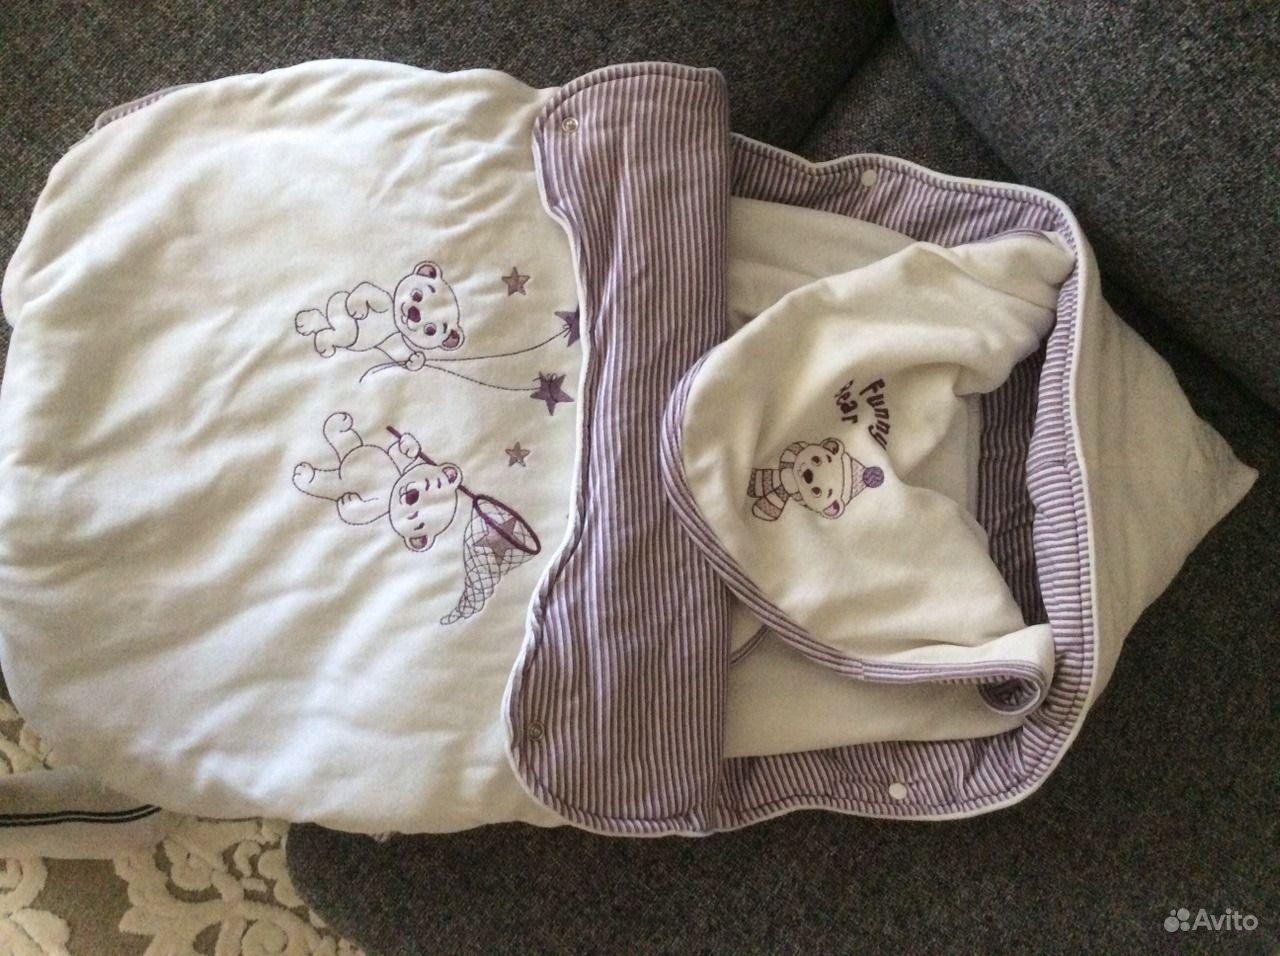 Конверт для новорождённого ребёнка. Иркутская область, Ангарск